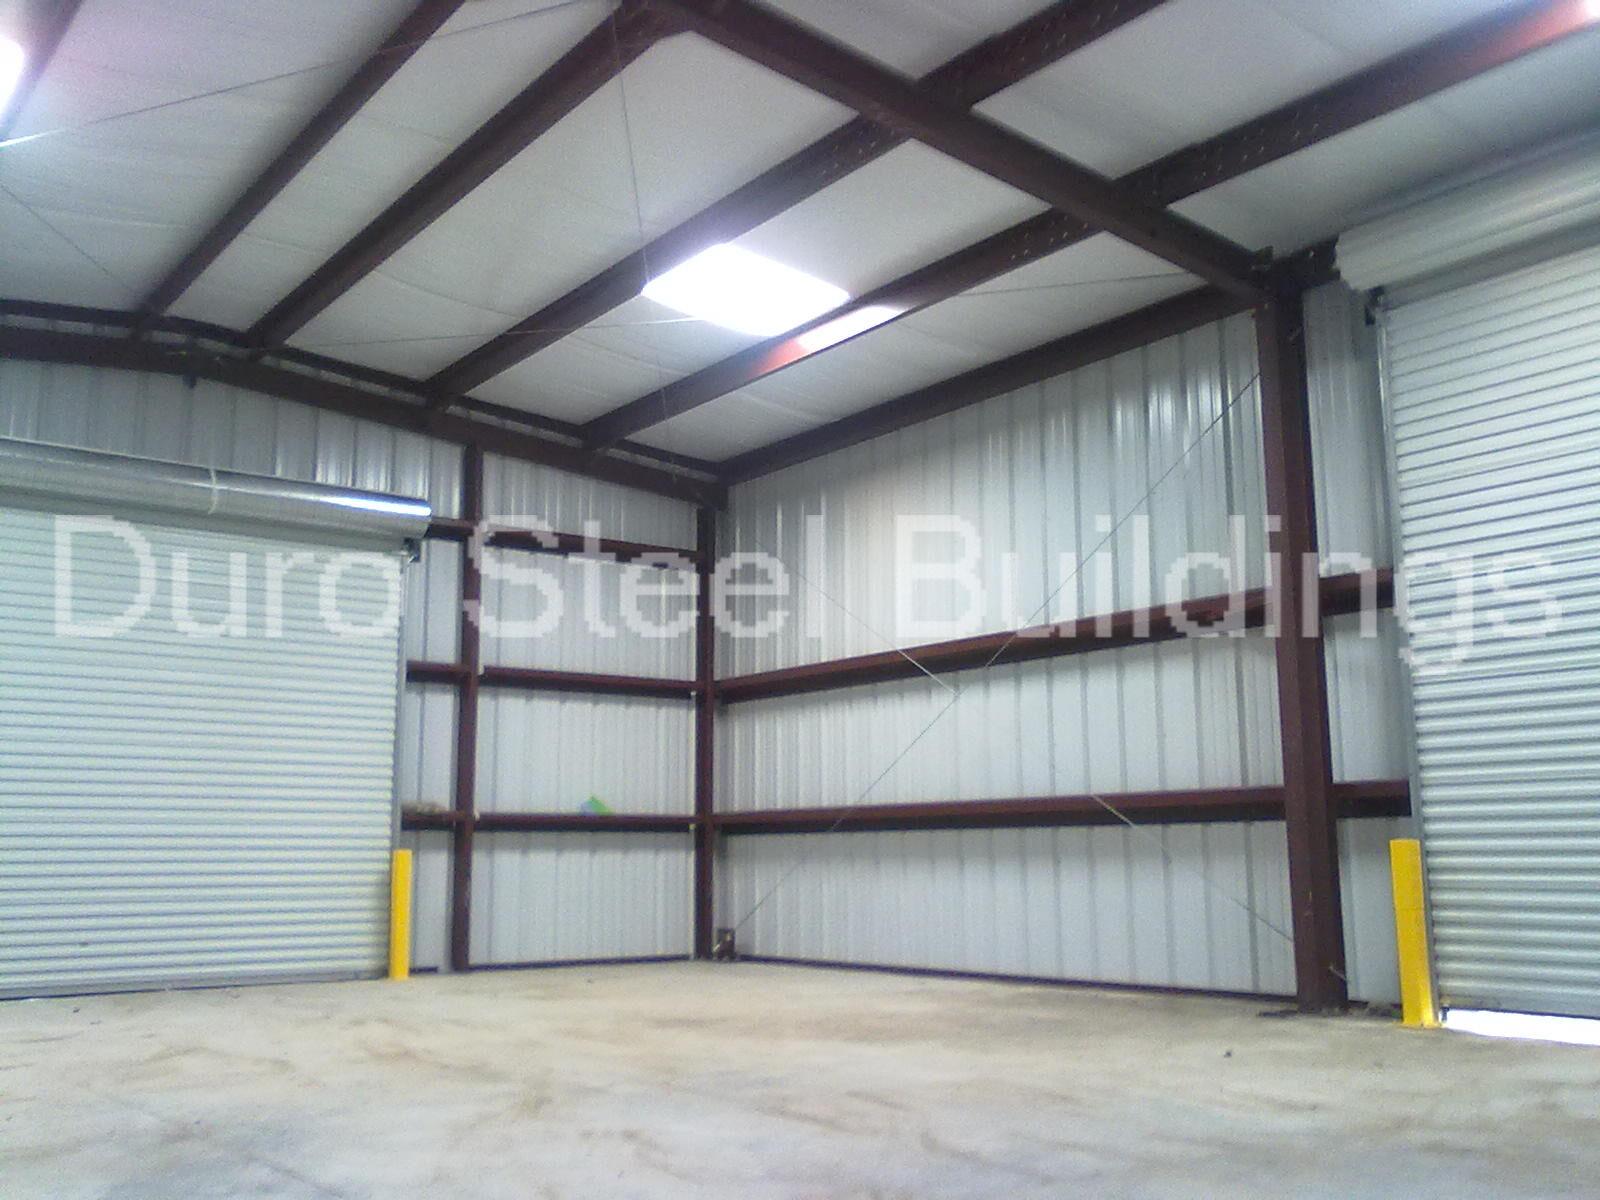 Durobeam steel 40x75x16 metal building kit garage auto for 25 x 40 garage kit